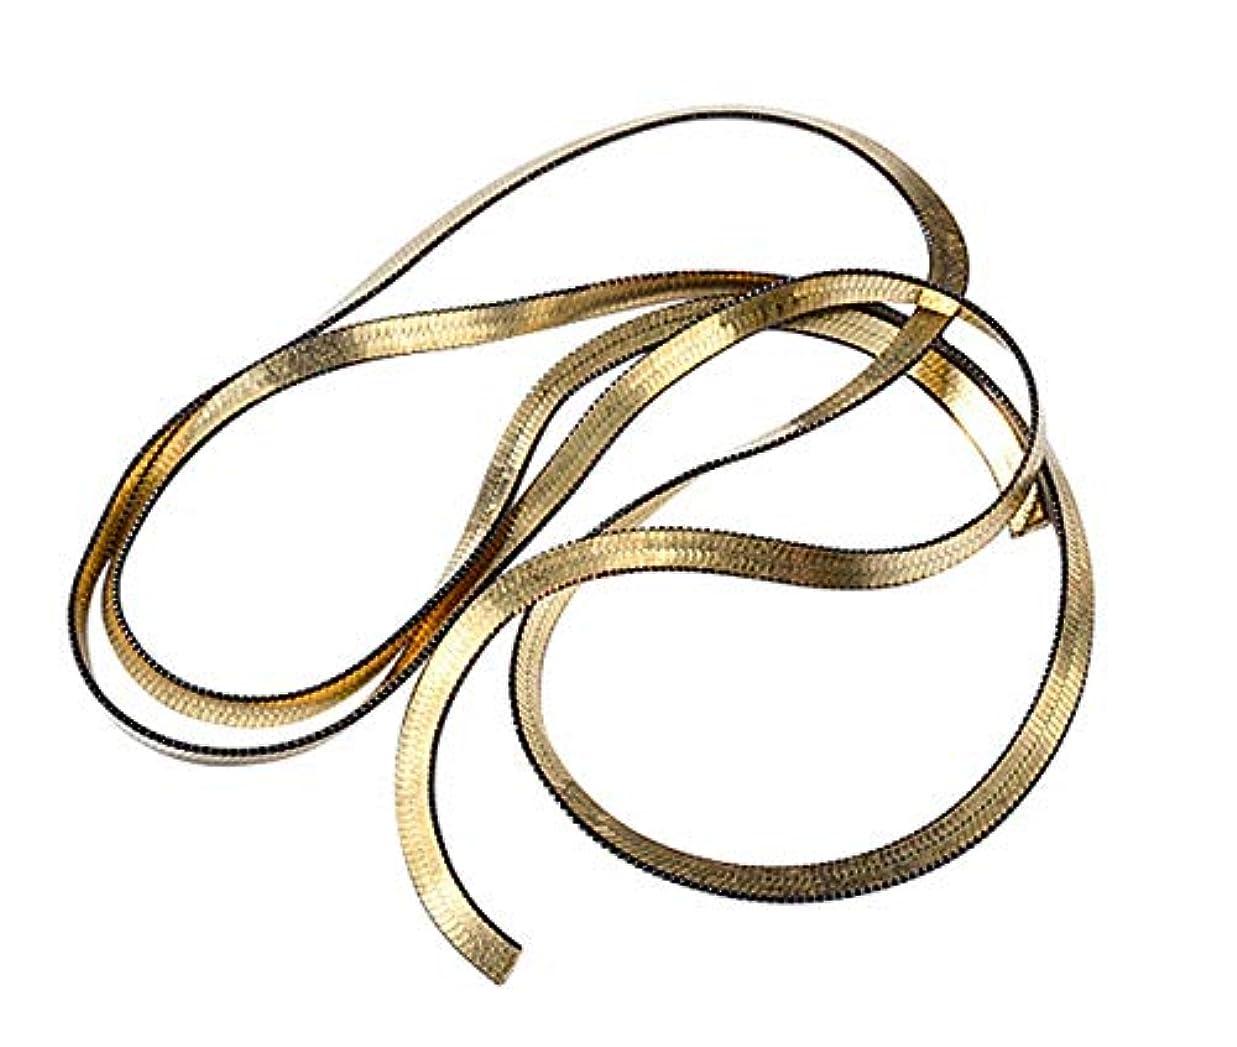 自分の力ですべてをする守る不信Tianmey ミックスネイルアートメタルチェーン3Dネイルアートデコレーションチャームパンク合金スタッドDIYネイルデザインマニキュアツールアクセサリー (Color : Snake bon)